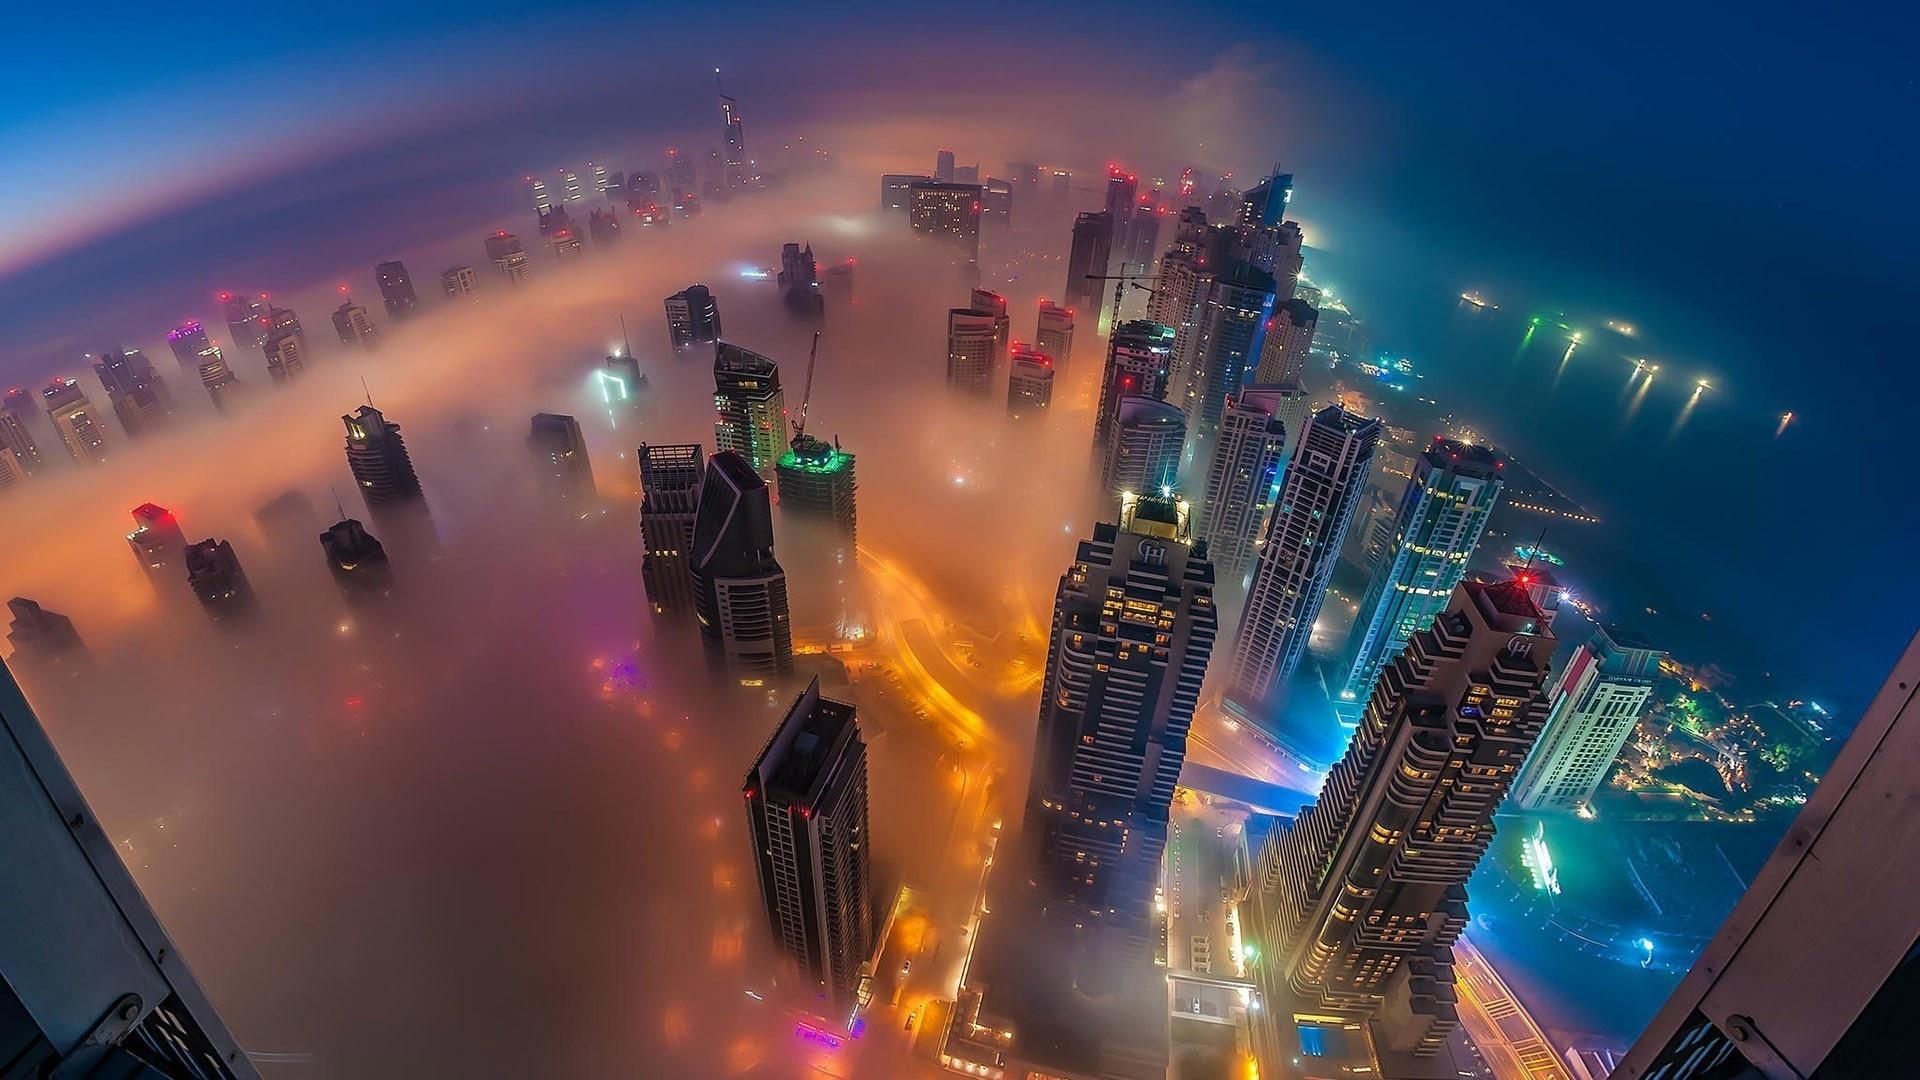 глубокой город сегодня город завтра картинки цветам